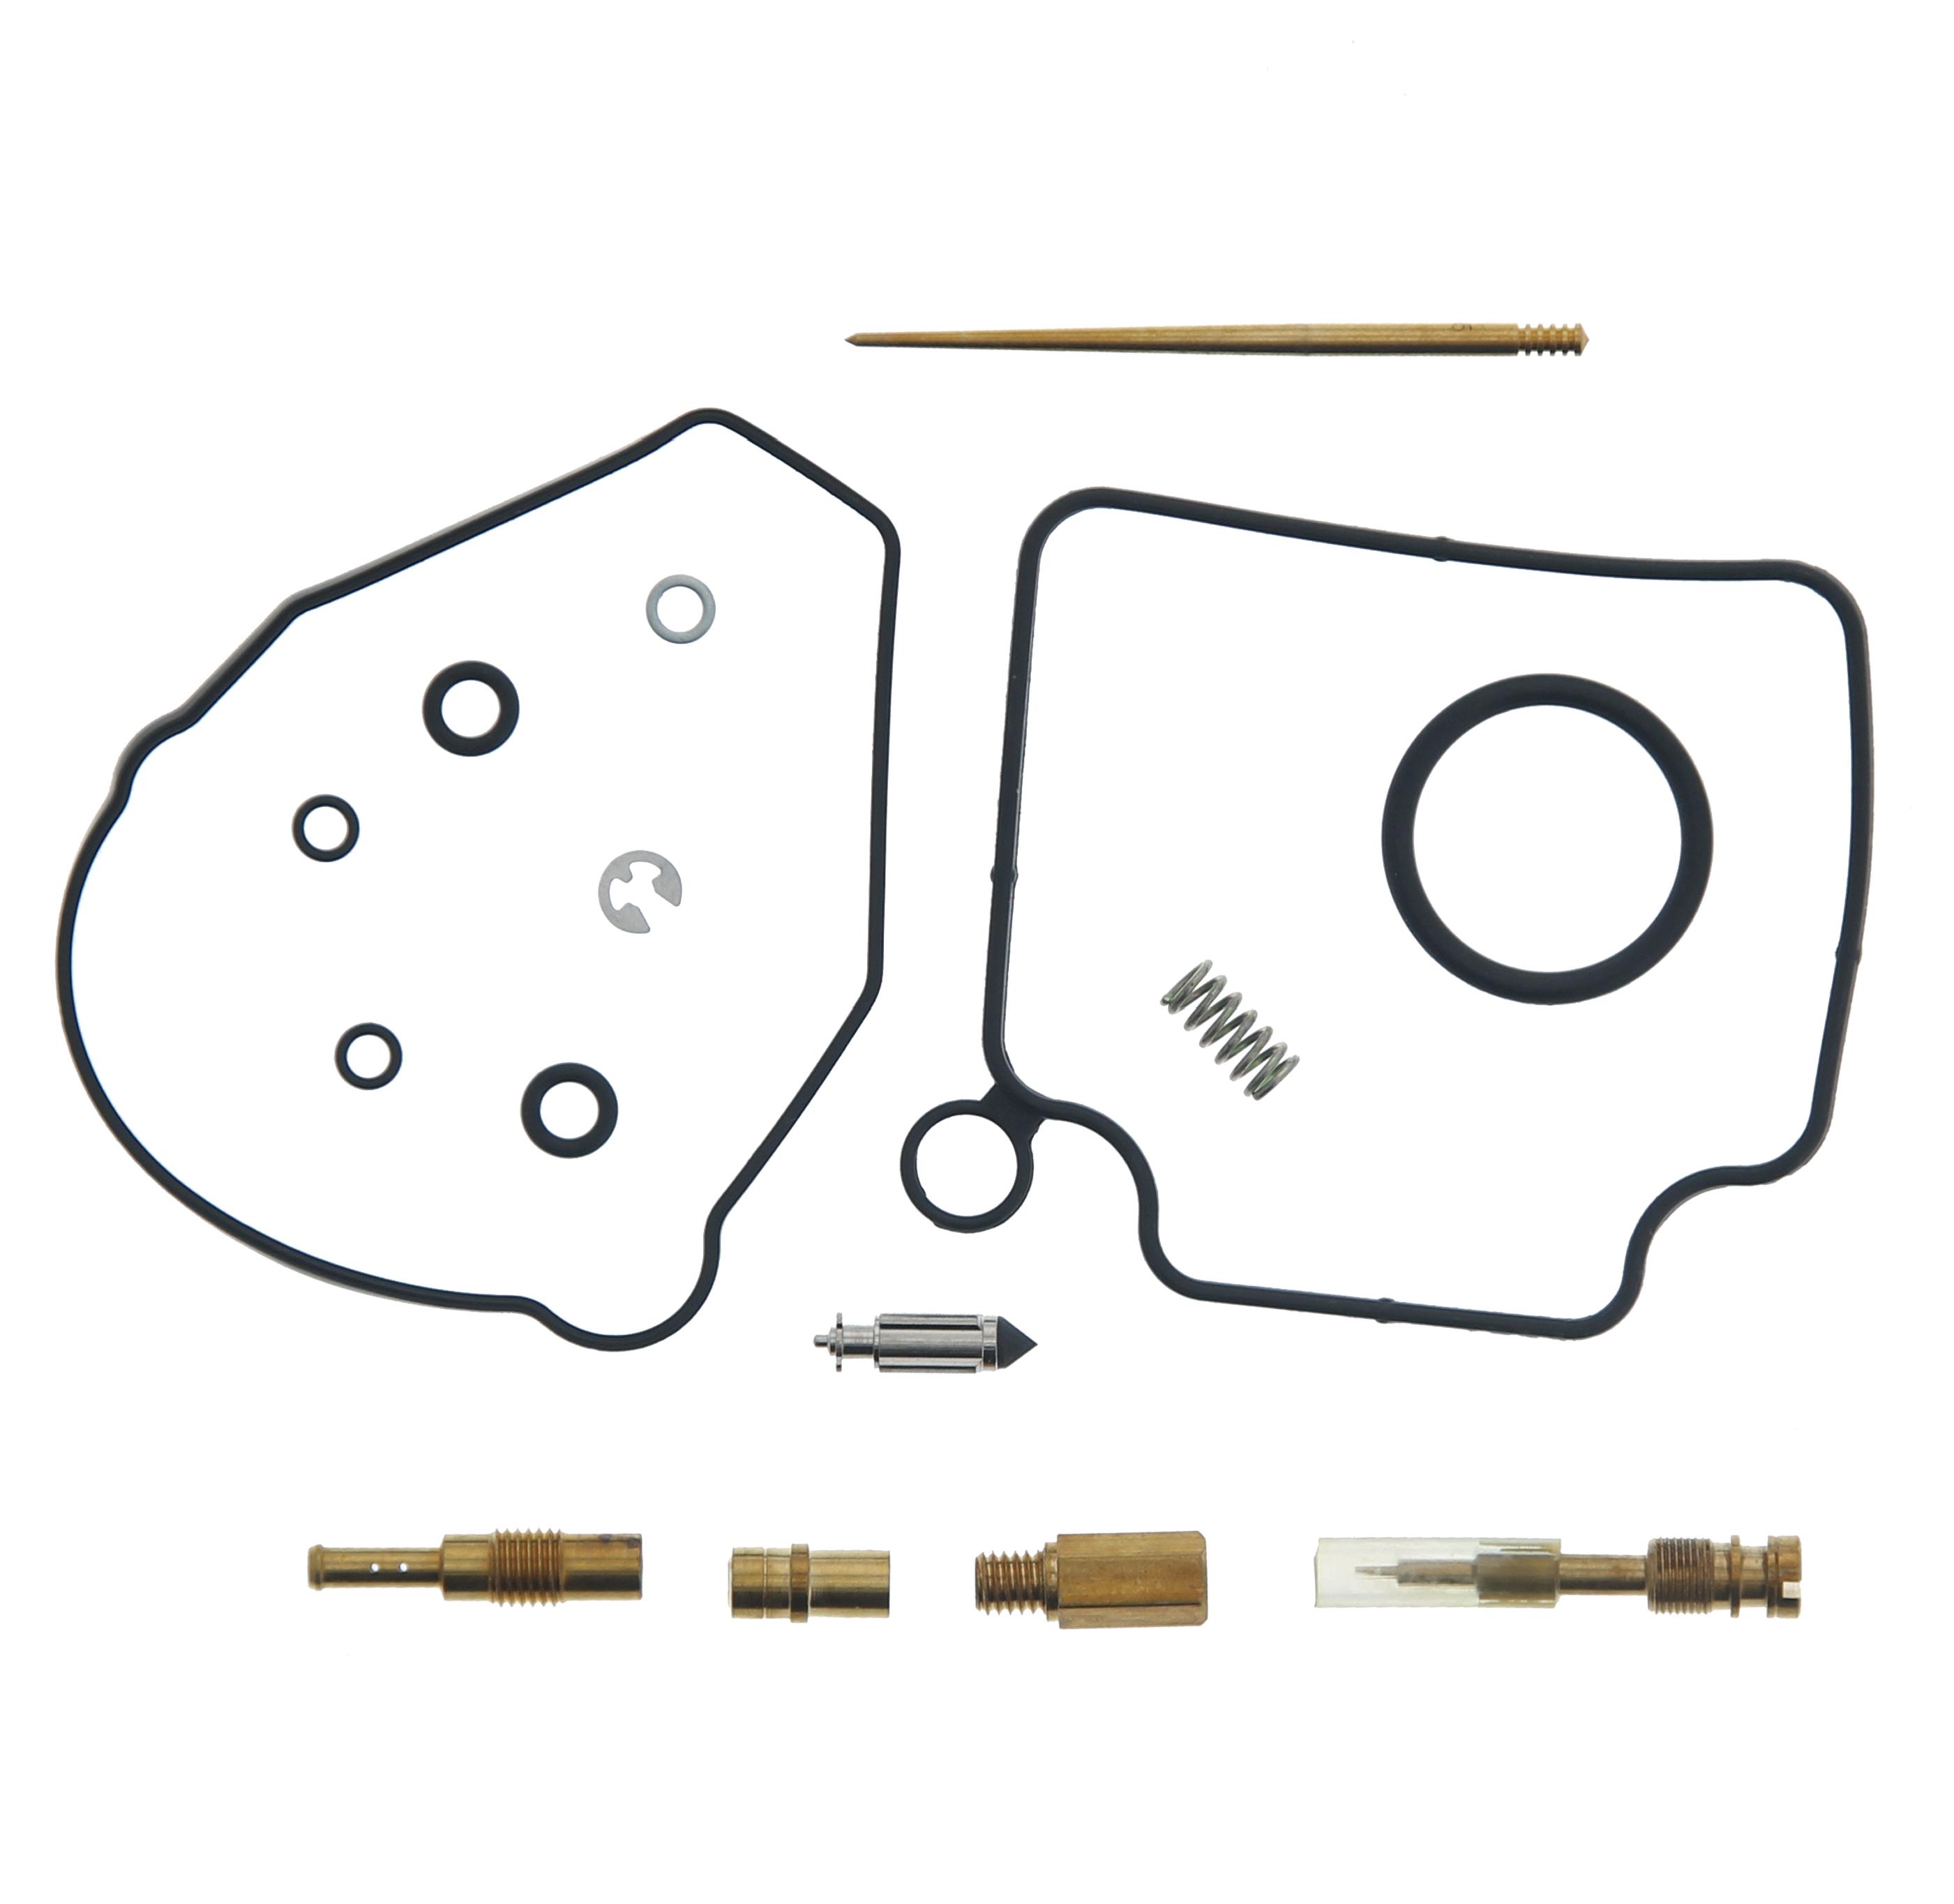 Wiring Database 2020: 29 Honda Fourtrax 300 Carburetor Diagram